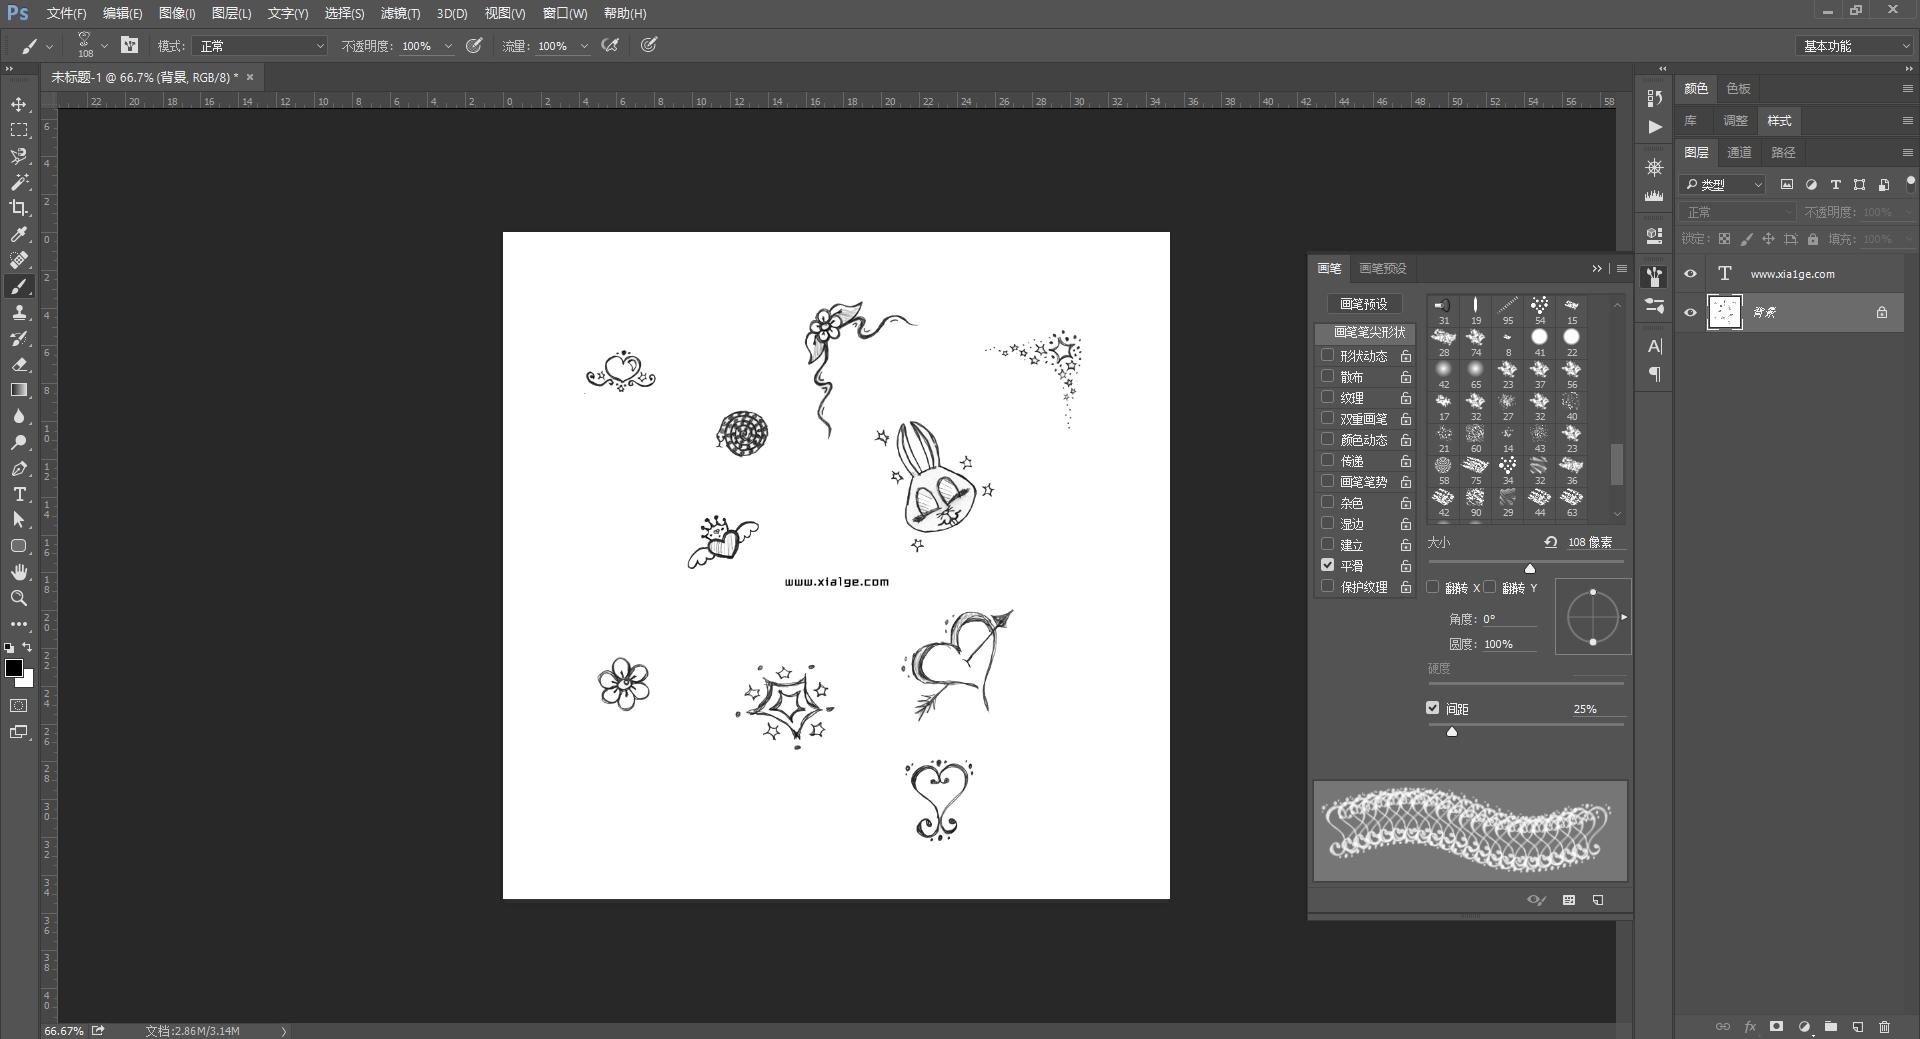 大量 PhotoShop 精品笔刷免费下载 图形图像 第1张